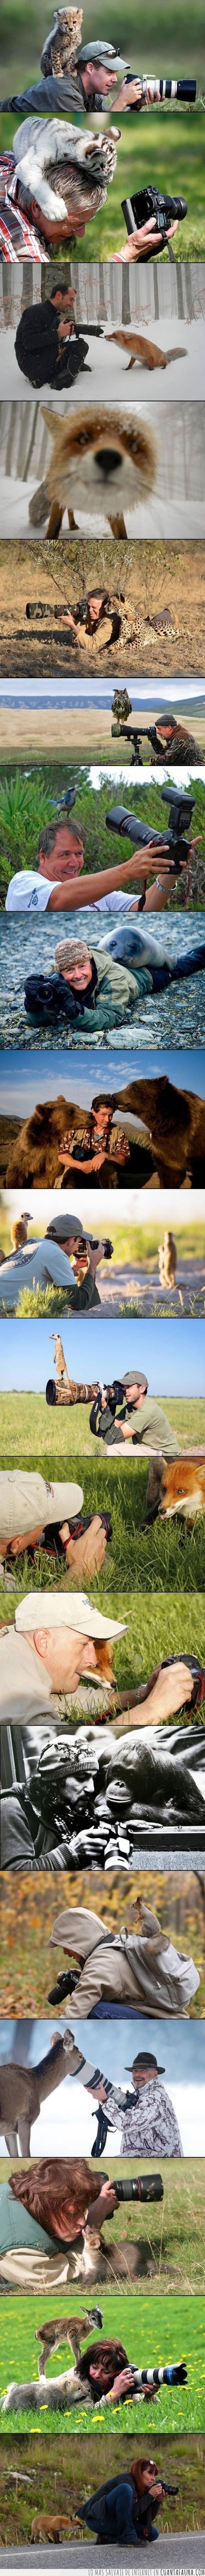 animales,ciervo,echamos de menos a Steve Irwin,en serio tiras en auto,fotografia,naturaleza,oso,suricata,zorro